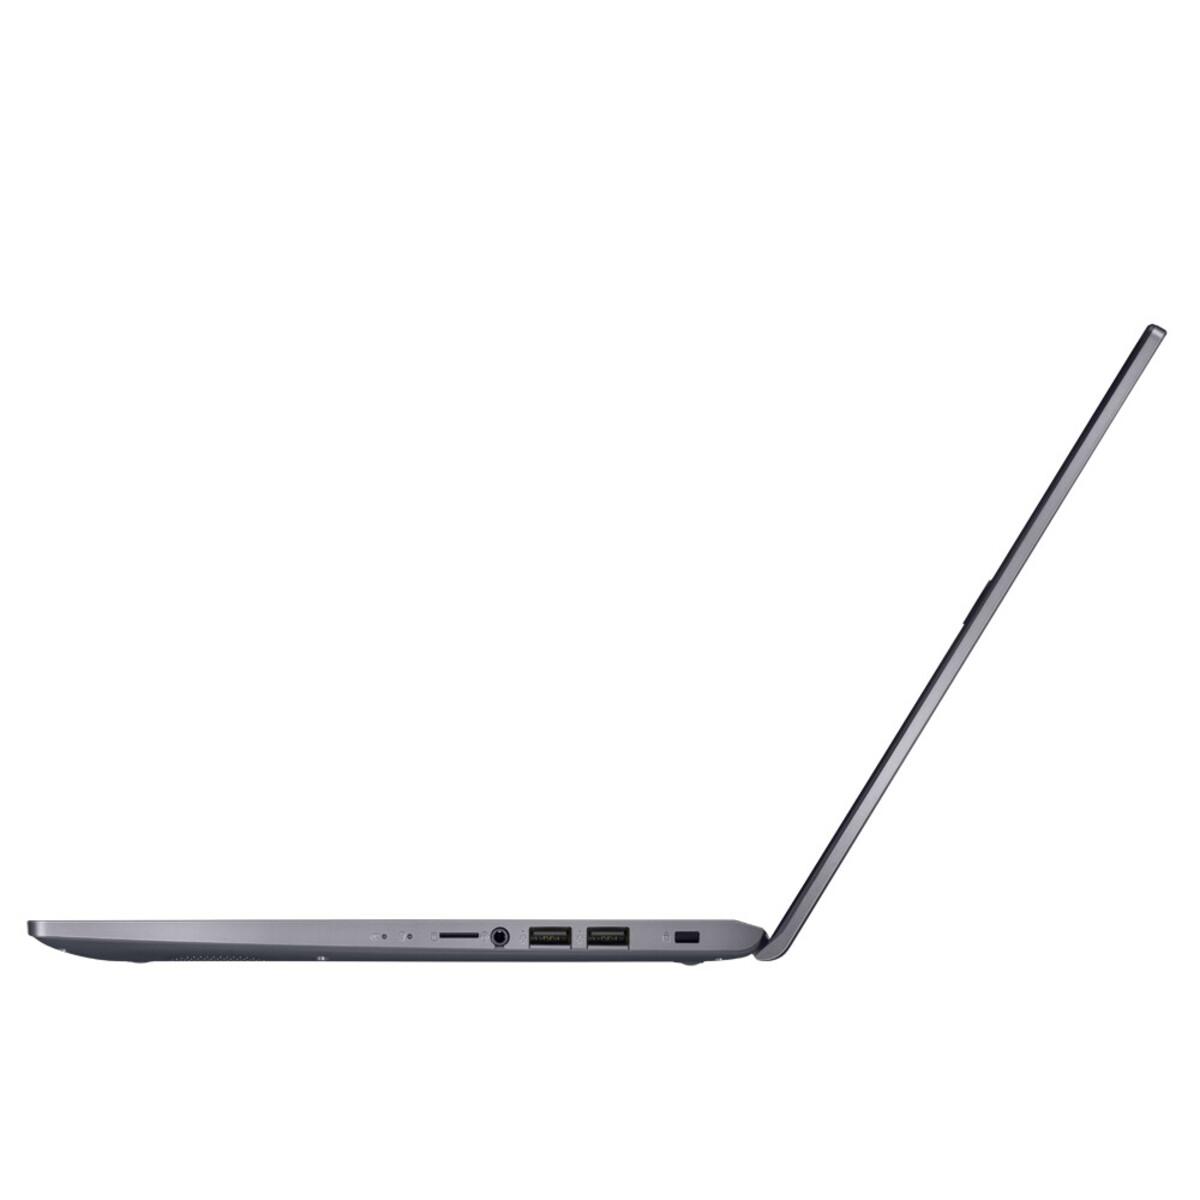 Bild 4 von ASUS VivoBook 15 F515JP-EJ142T Slate Grey Notebook (15,6 Zoll Full-HD matt, Core i5-1035G1, 8 GB RAM, 512 GB SSD, NVIDIA GeForce MX330, grau)